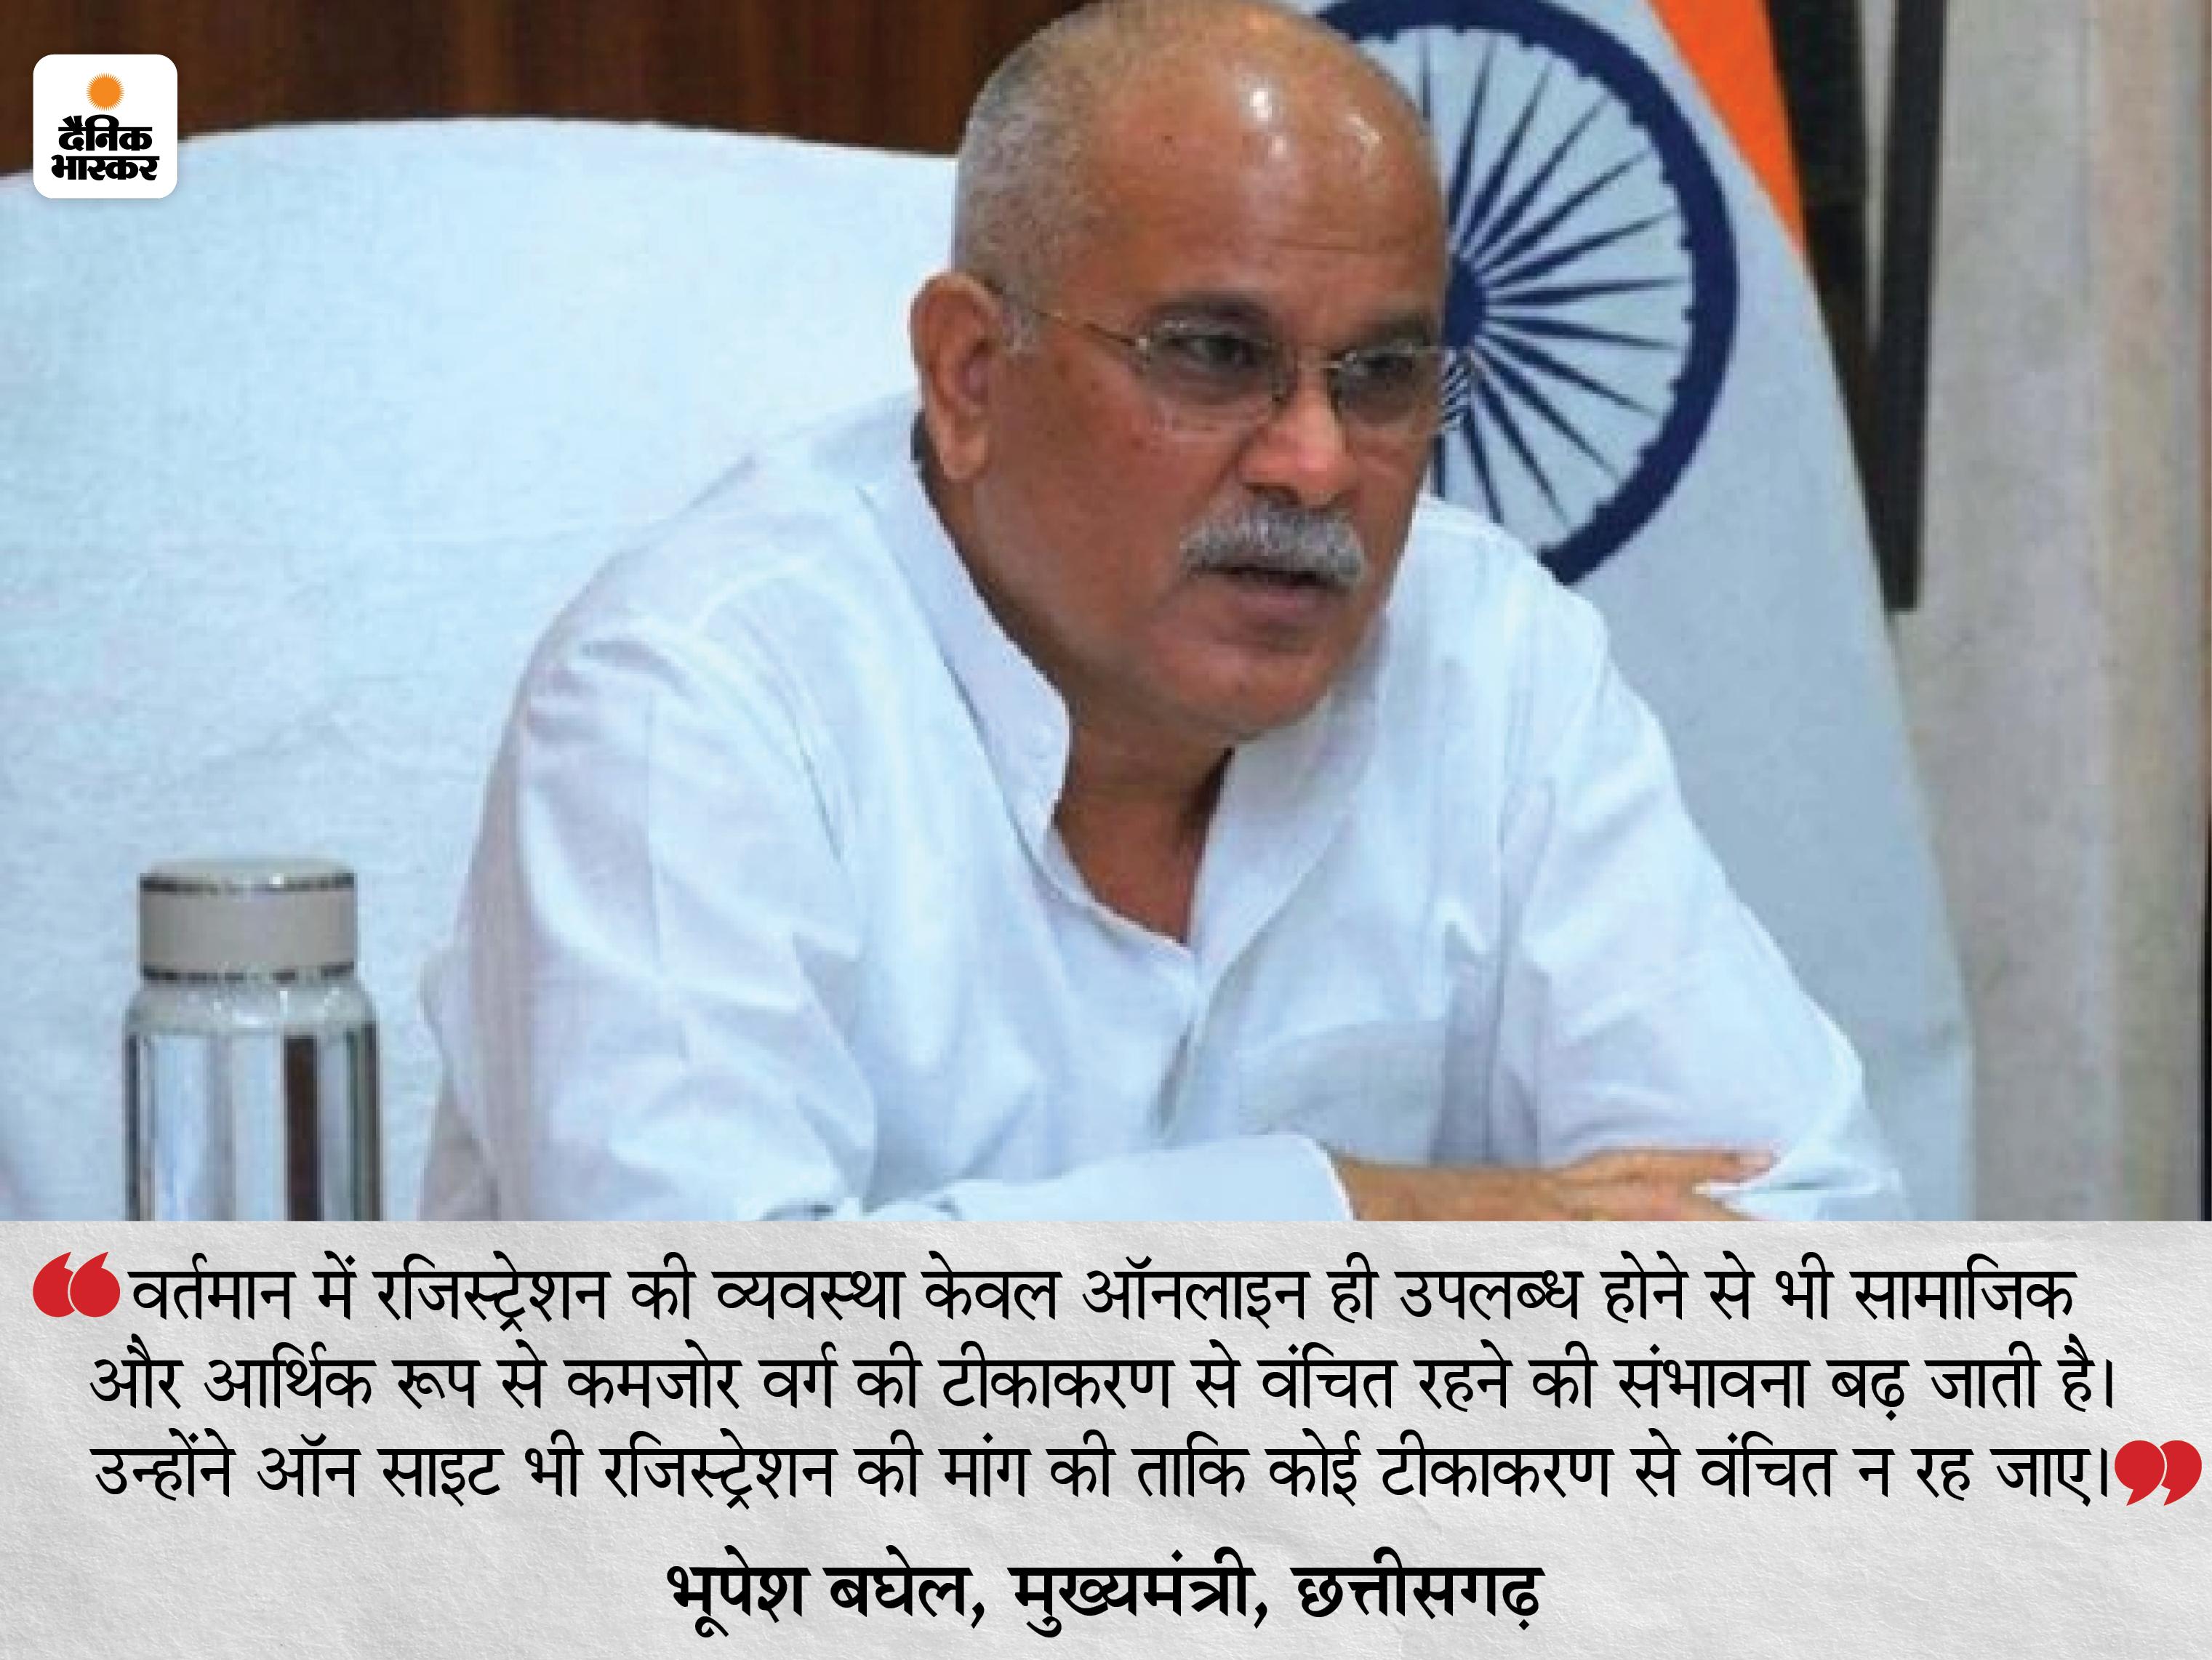 कहा- वैक्सीनेशन में आर्थिक और सामाजिक पिछड़ों को मिले प्राथमिकता, ऑन साइट रजिस्ट्रेशन की सुविधा की भी मांग रायपुर,Raipur - Dainik Bhaskar